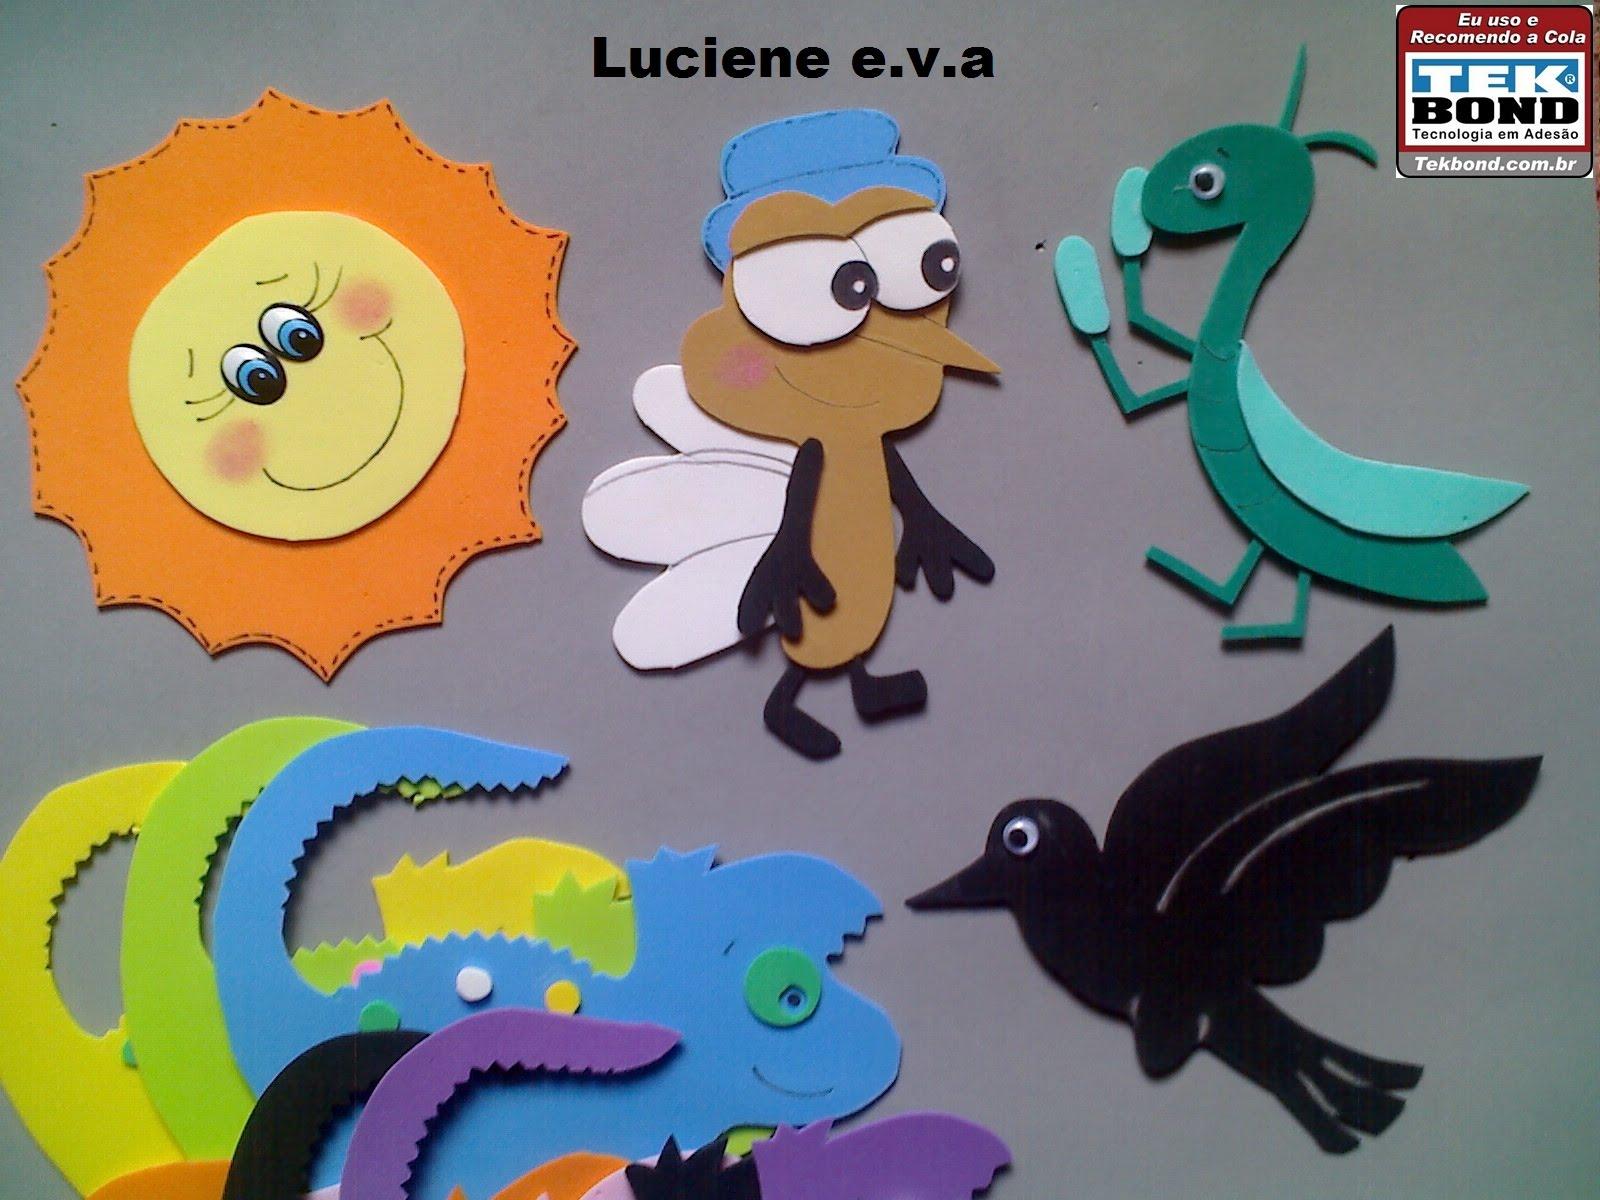 Luciene e.v.a: Fantoche bom dia todas as cores